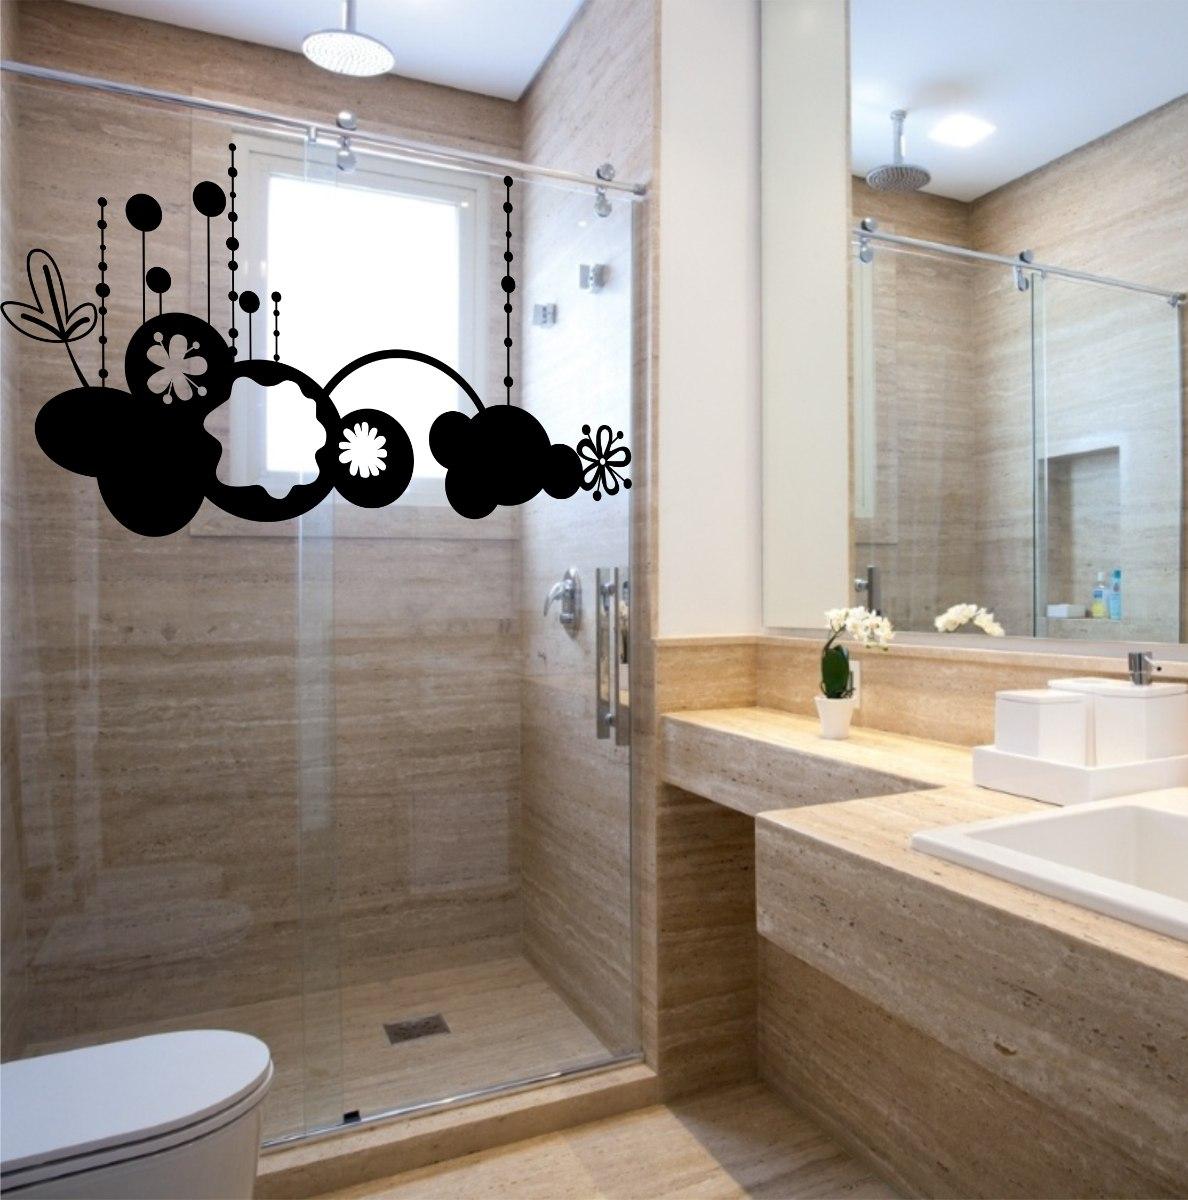 Parede Box Banheiro Floral Nuvem Mar R$ 19 99 em Mercado Livre #836848 1188x1200 Balança De Banheiro Mercado Livre